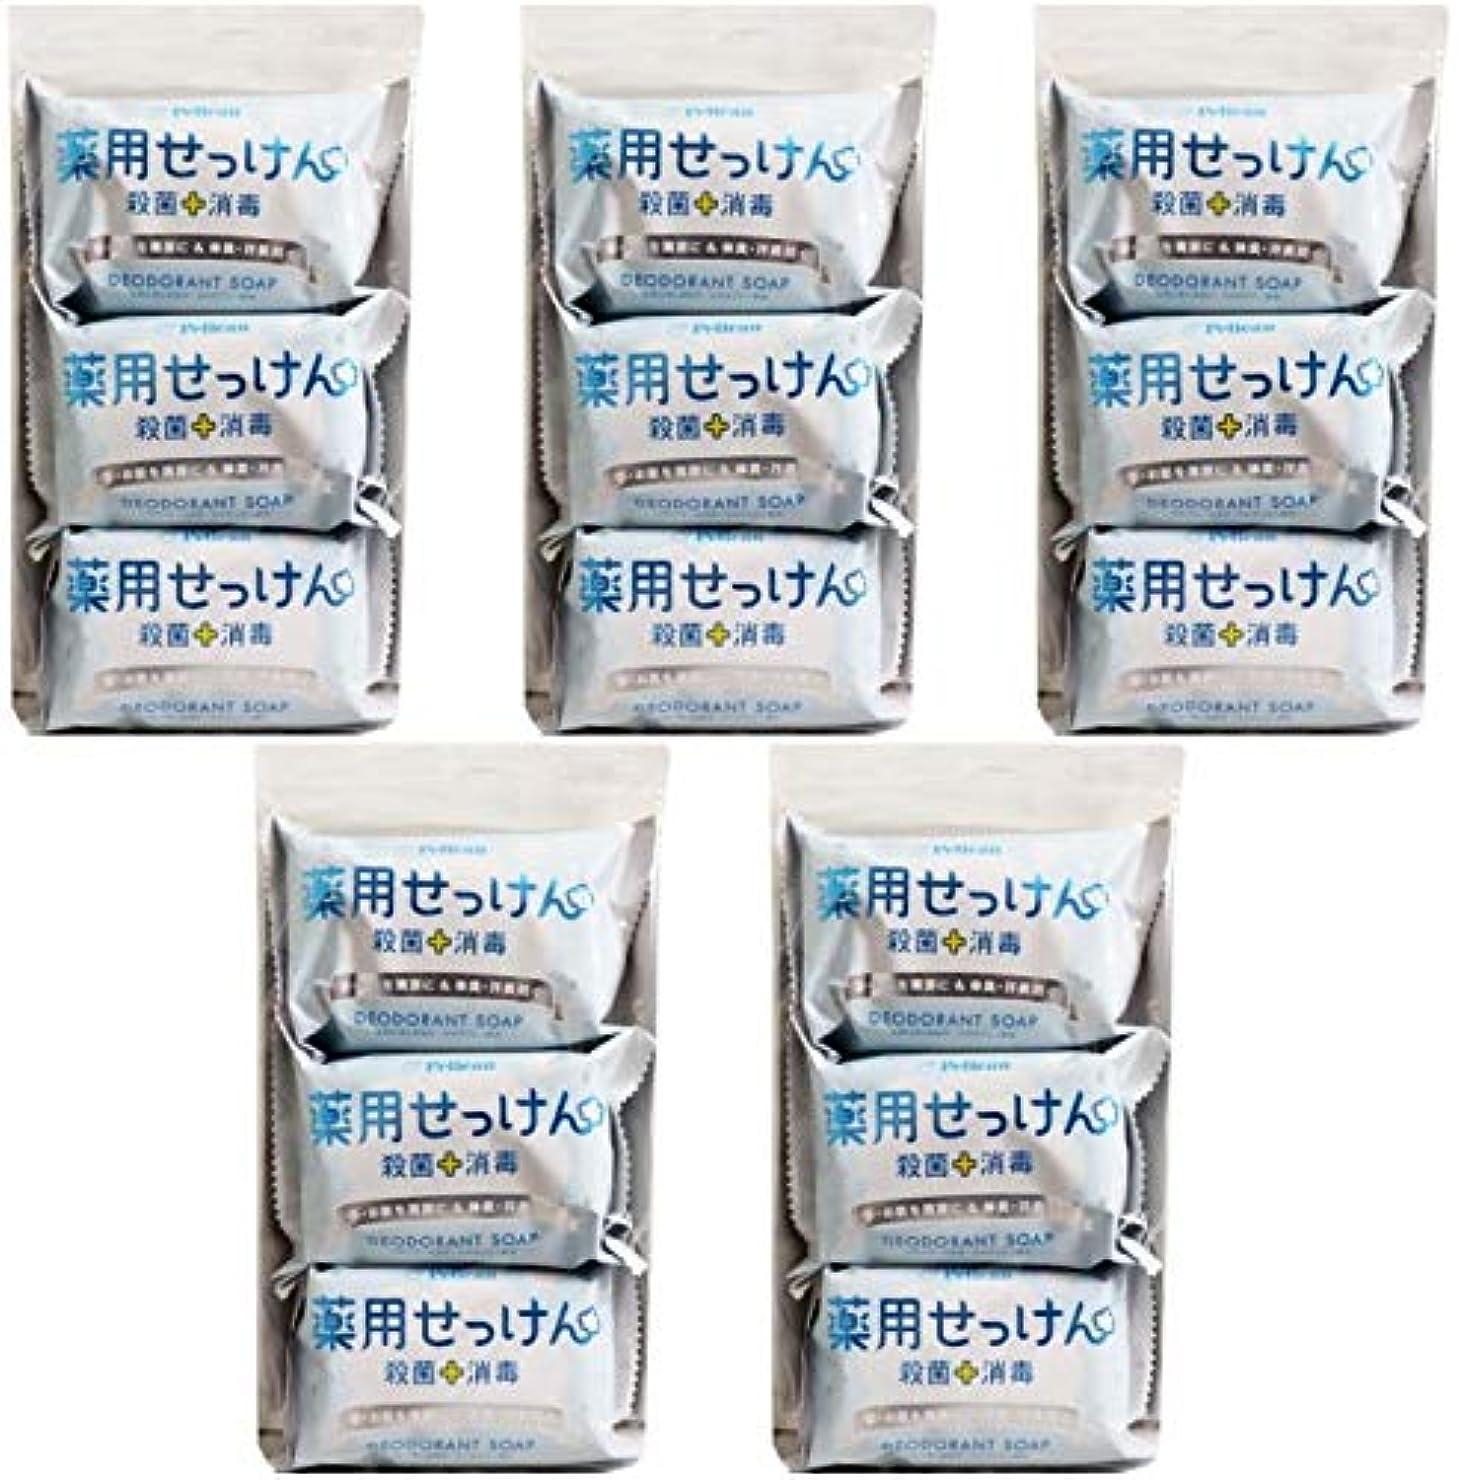 【まとめ買い】ペリカン石鹸 薬用せっけん 85g×3個【×5個】